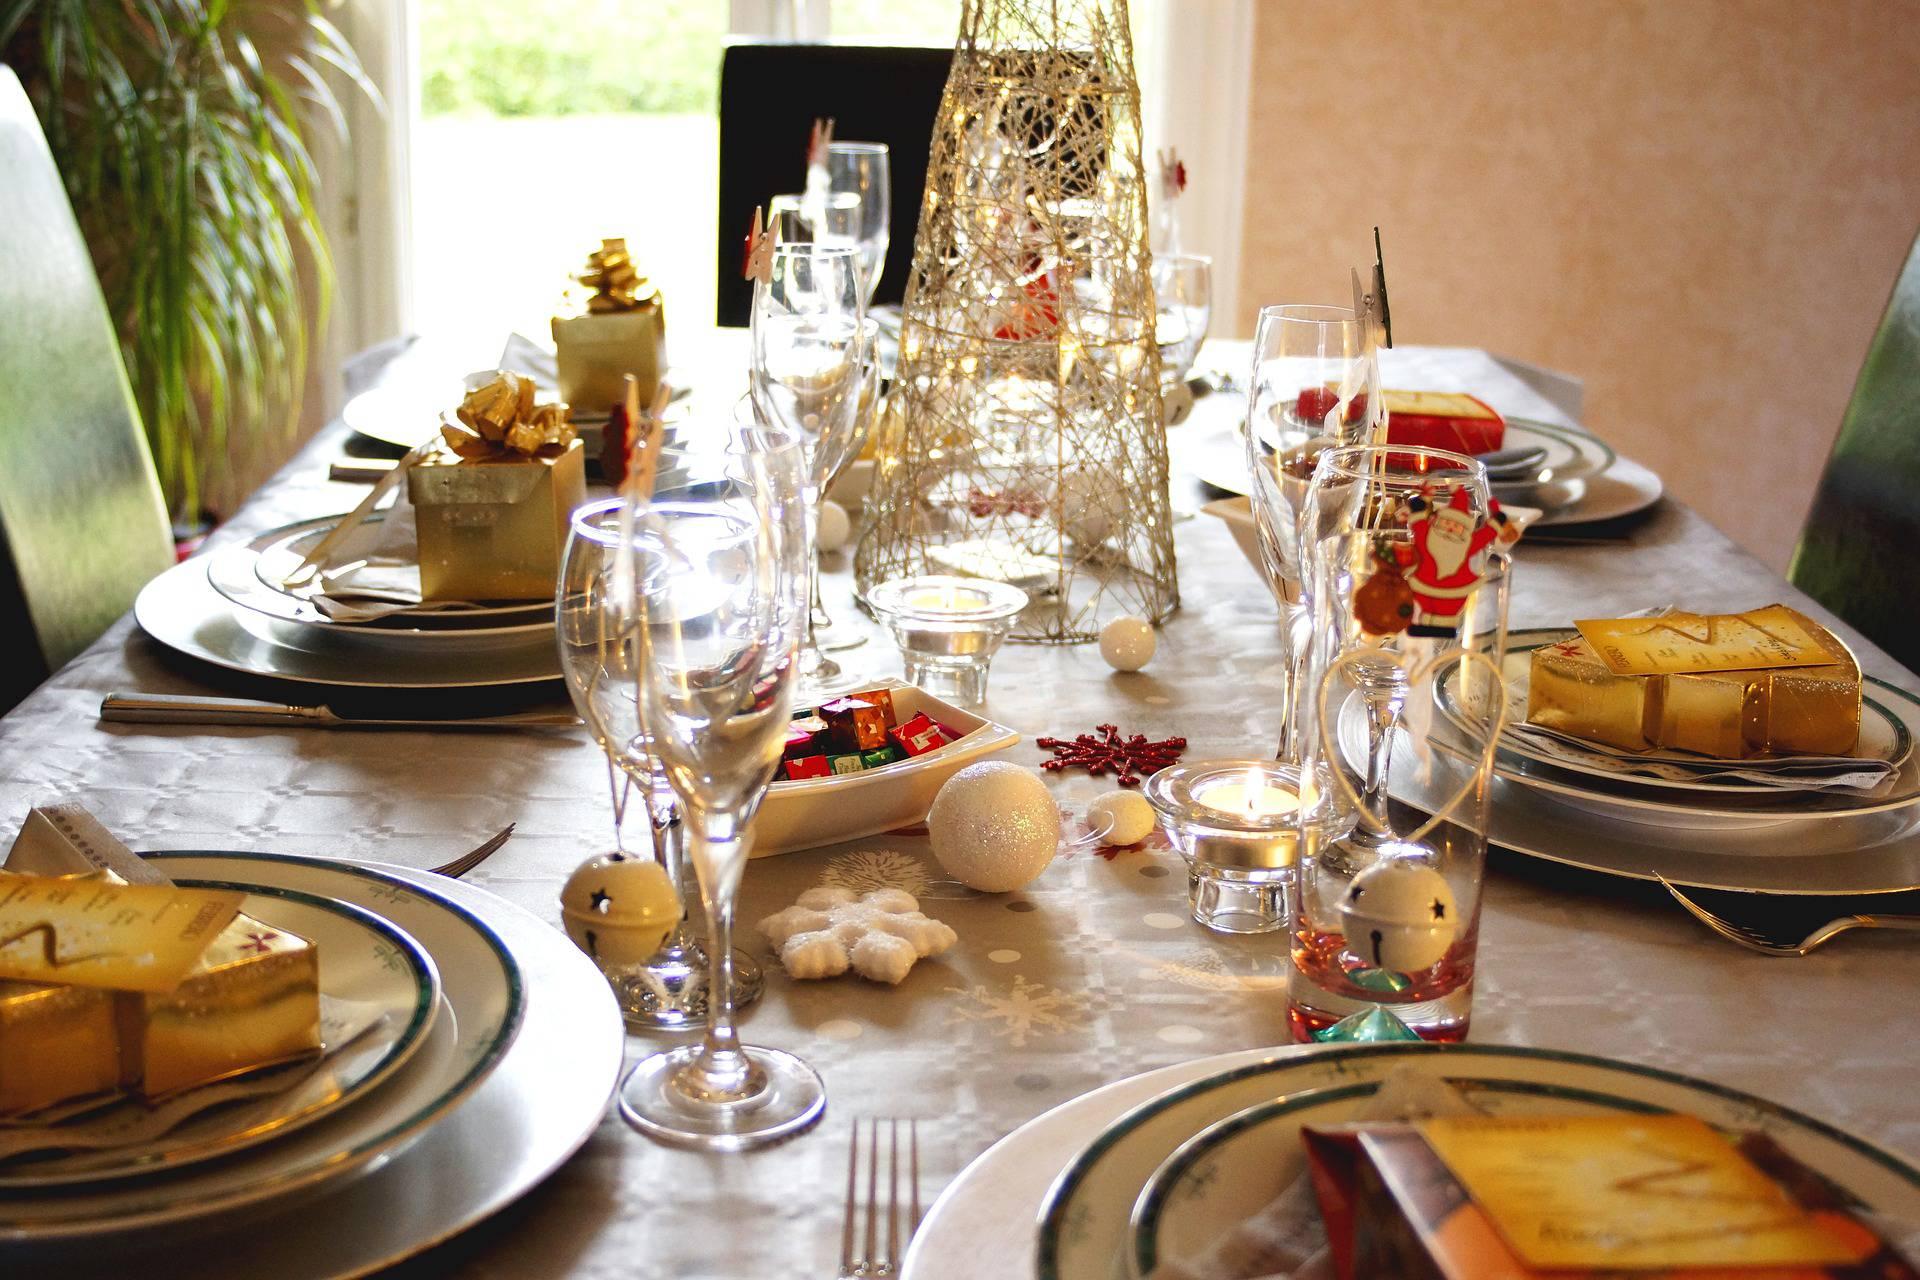 Pranzo di Natale a basso indice glicemico